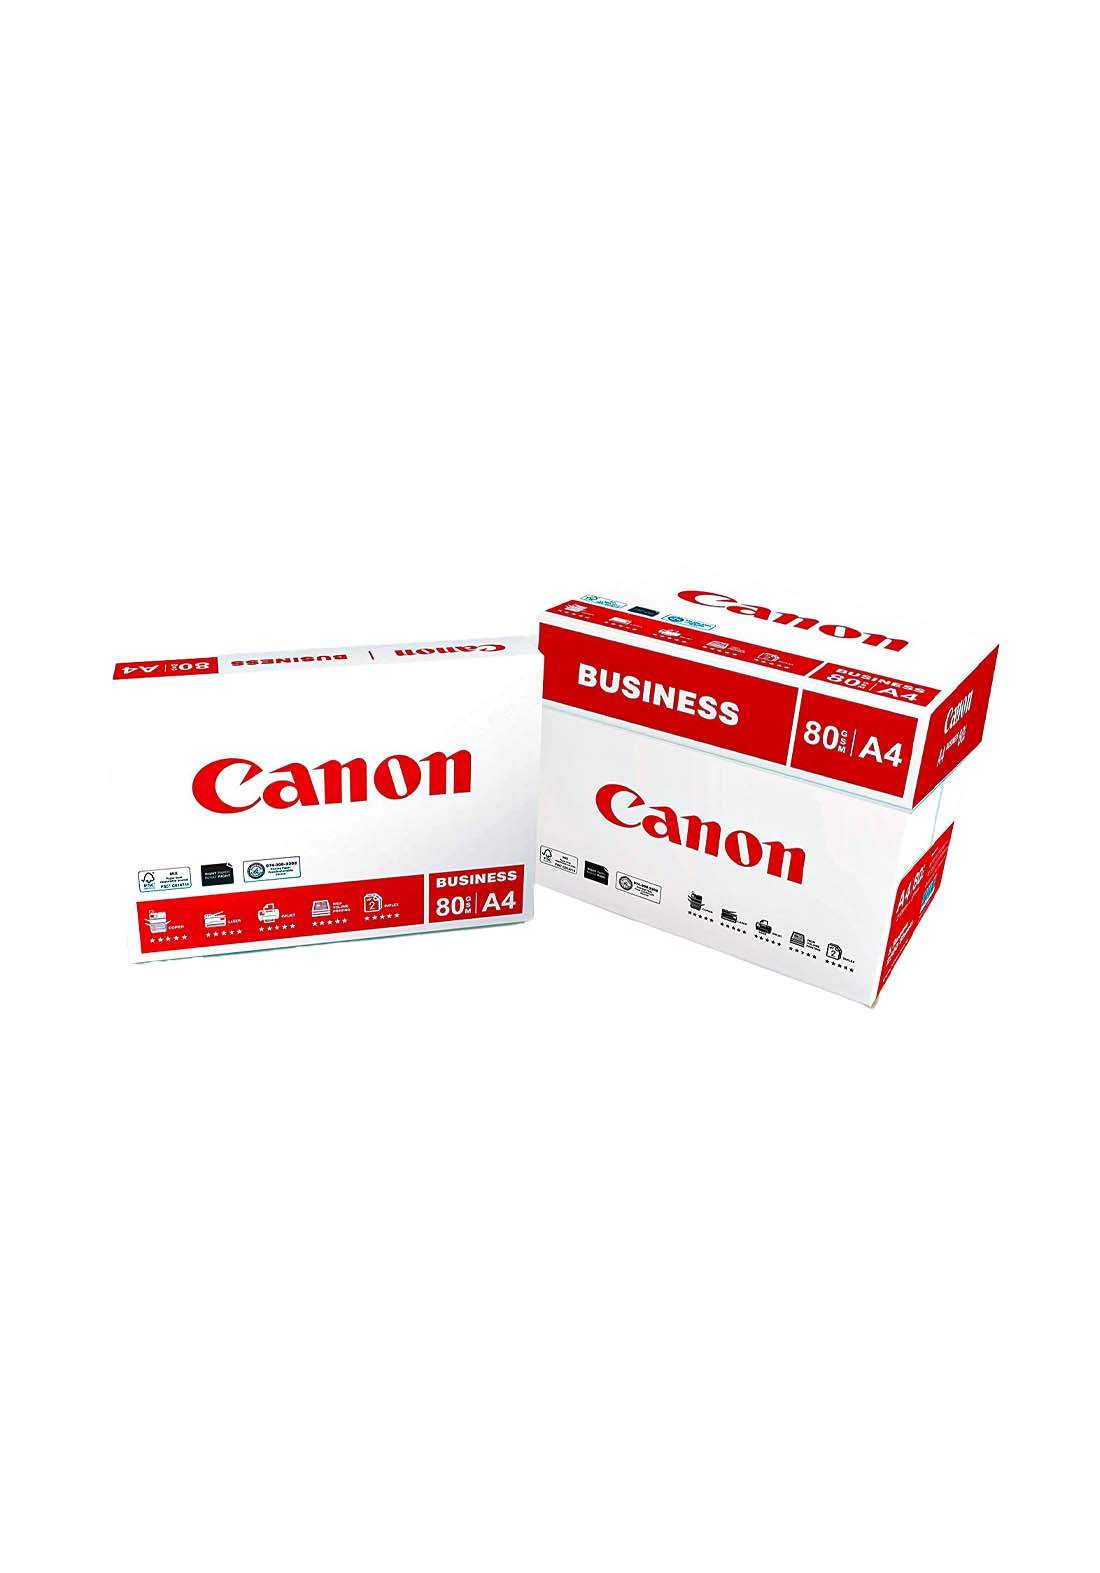 Canon Business Paper All Purpose A4 Paper Box  صندوق ورق